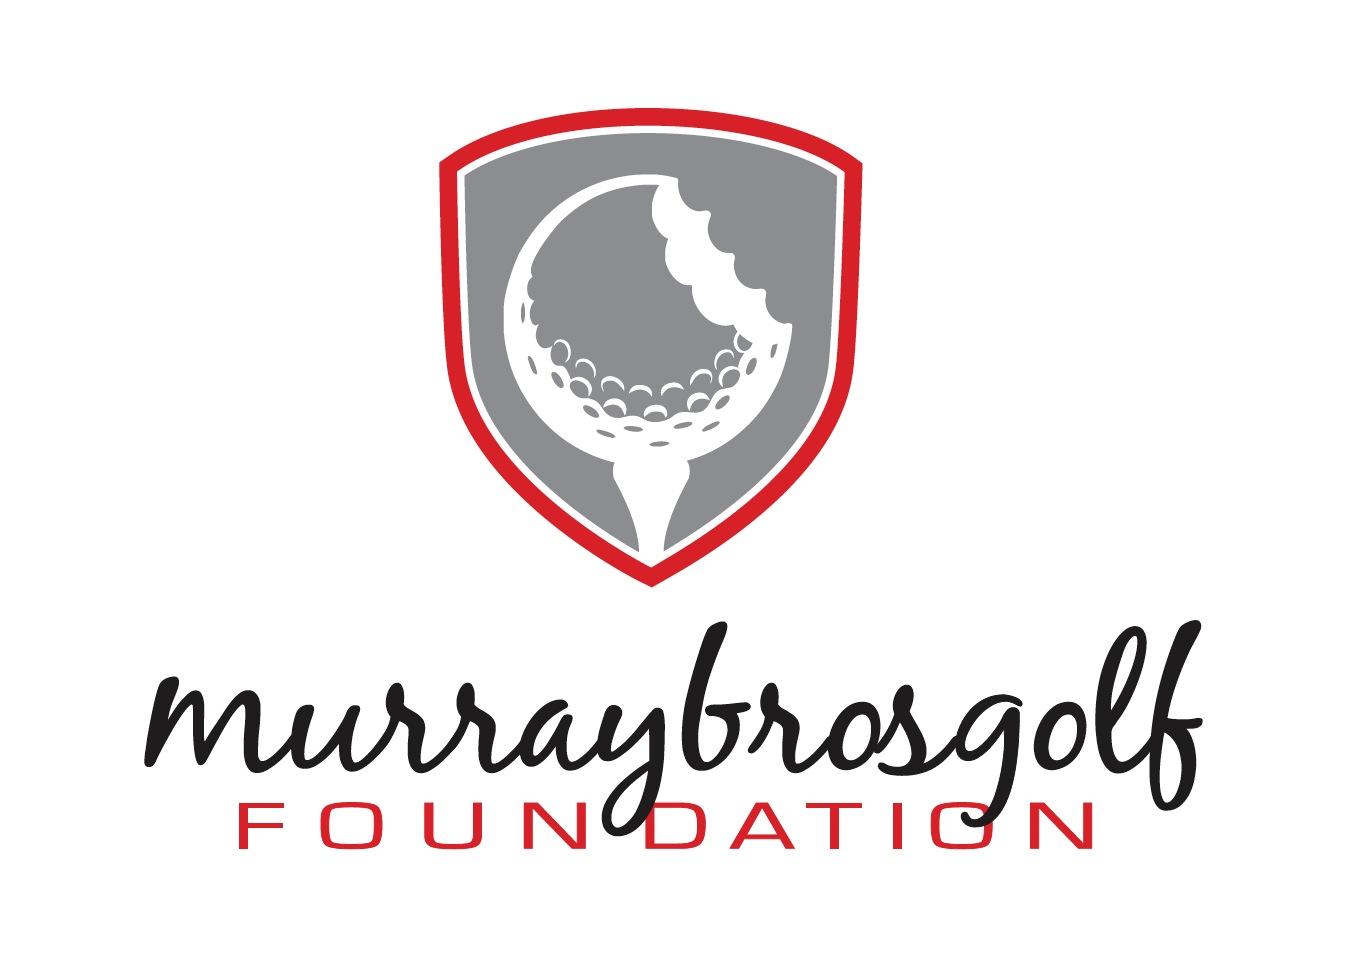 Logo Design Portfolio | Murray Bros. Golf Foundation | David B. Lee